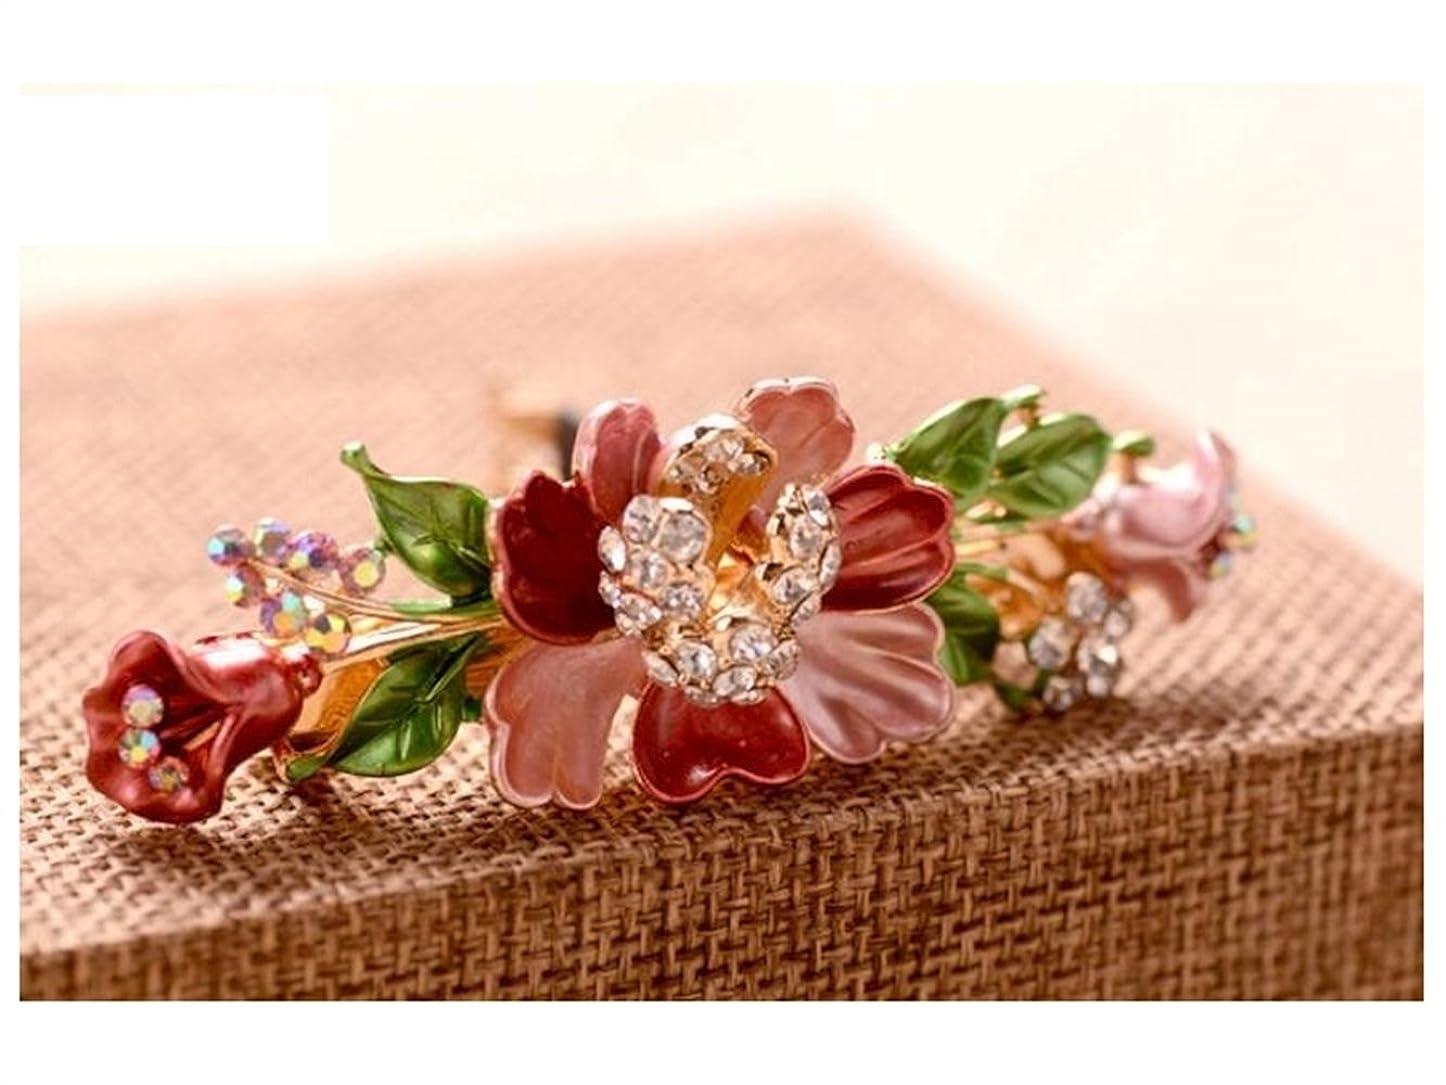 リージョージバーナードフィヨルドOsize 美しいスタイル ヴィンテージフラワーヘアピンレディーススプリングクリップヘアアクセサリー(ピンク)